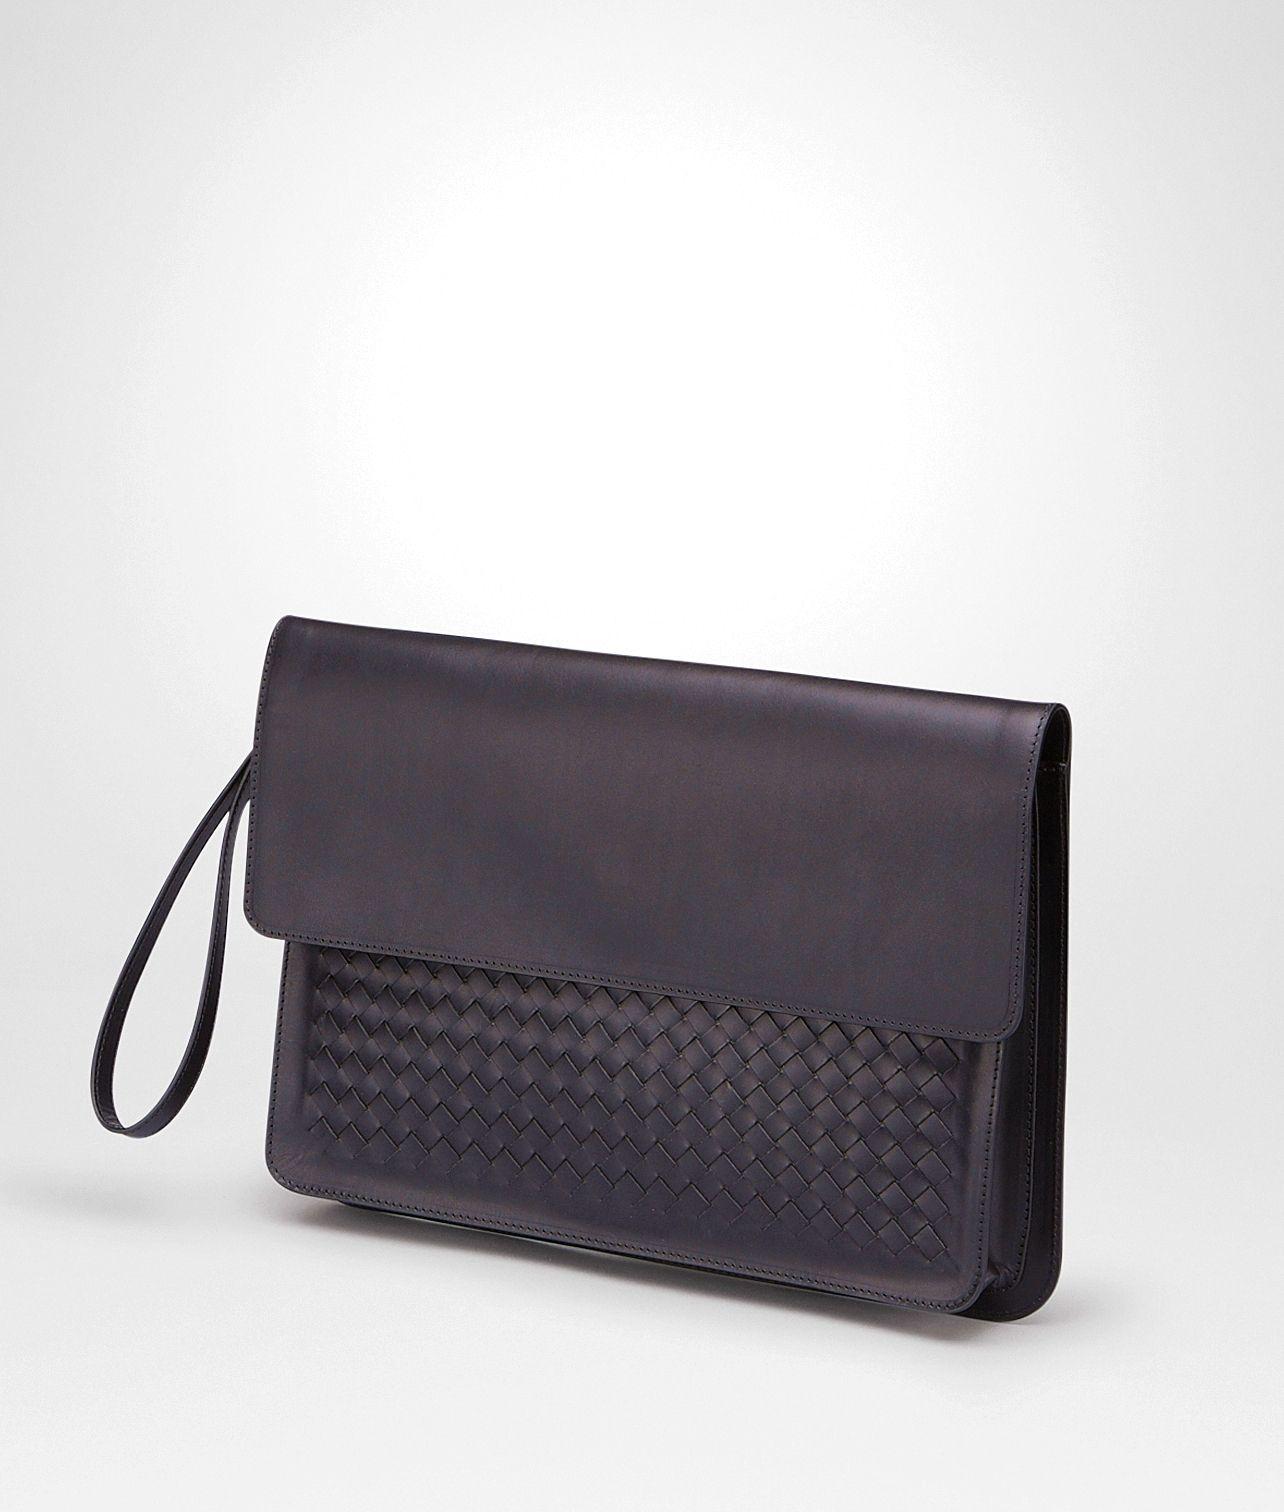 Nero Intrecciato Vachette Document Case - Men s Bottega Veneta Small Bag -  Shop at the Official 022802a53edf2